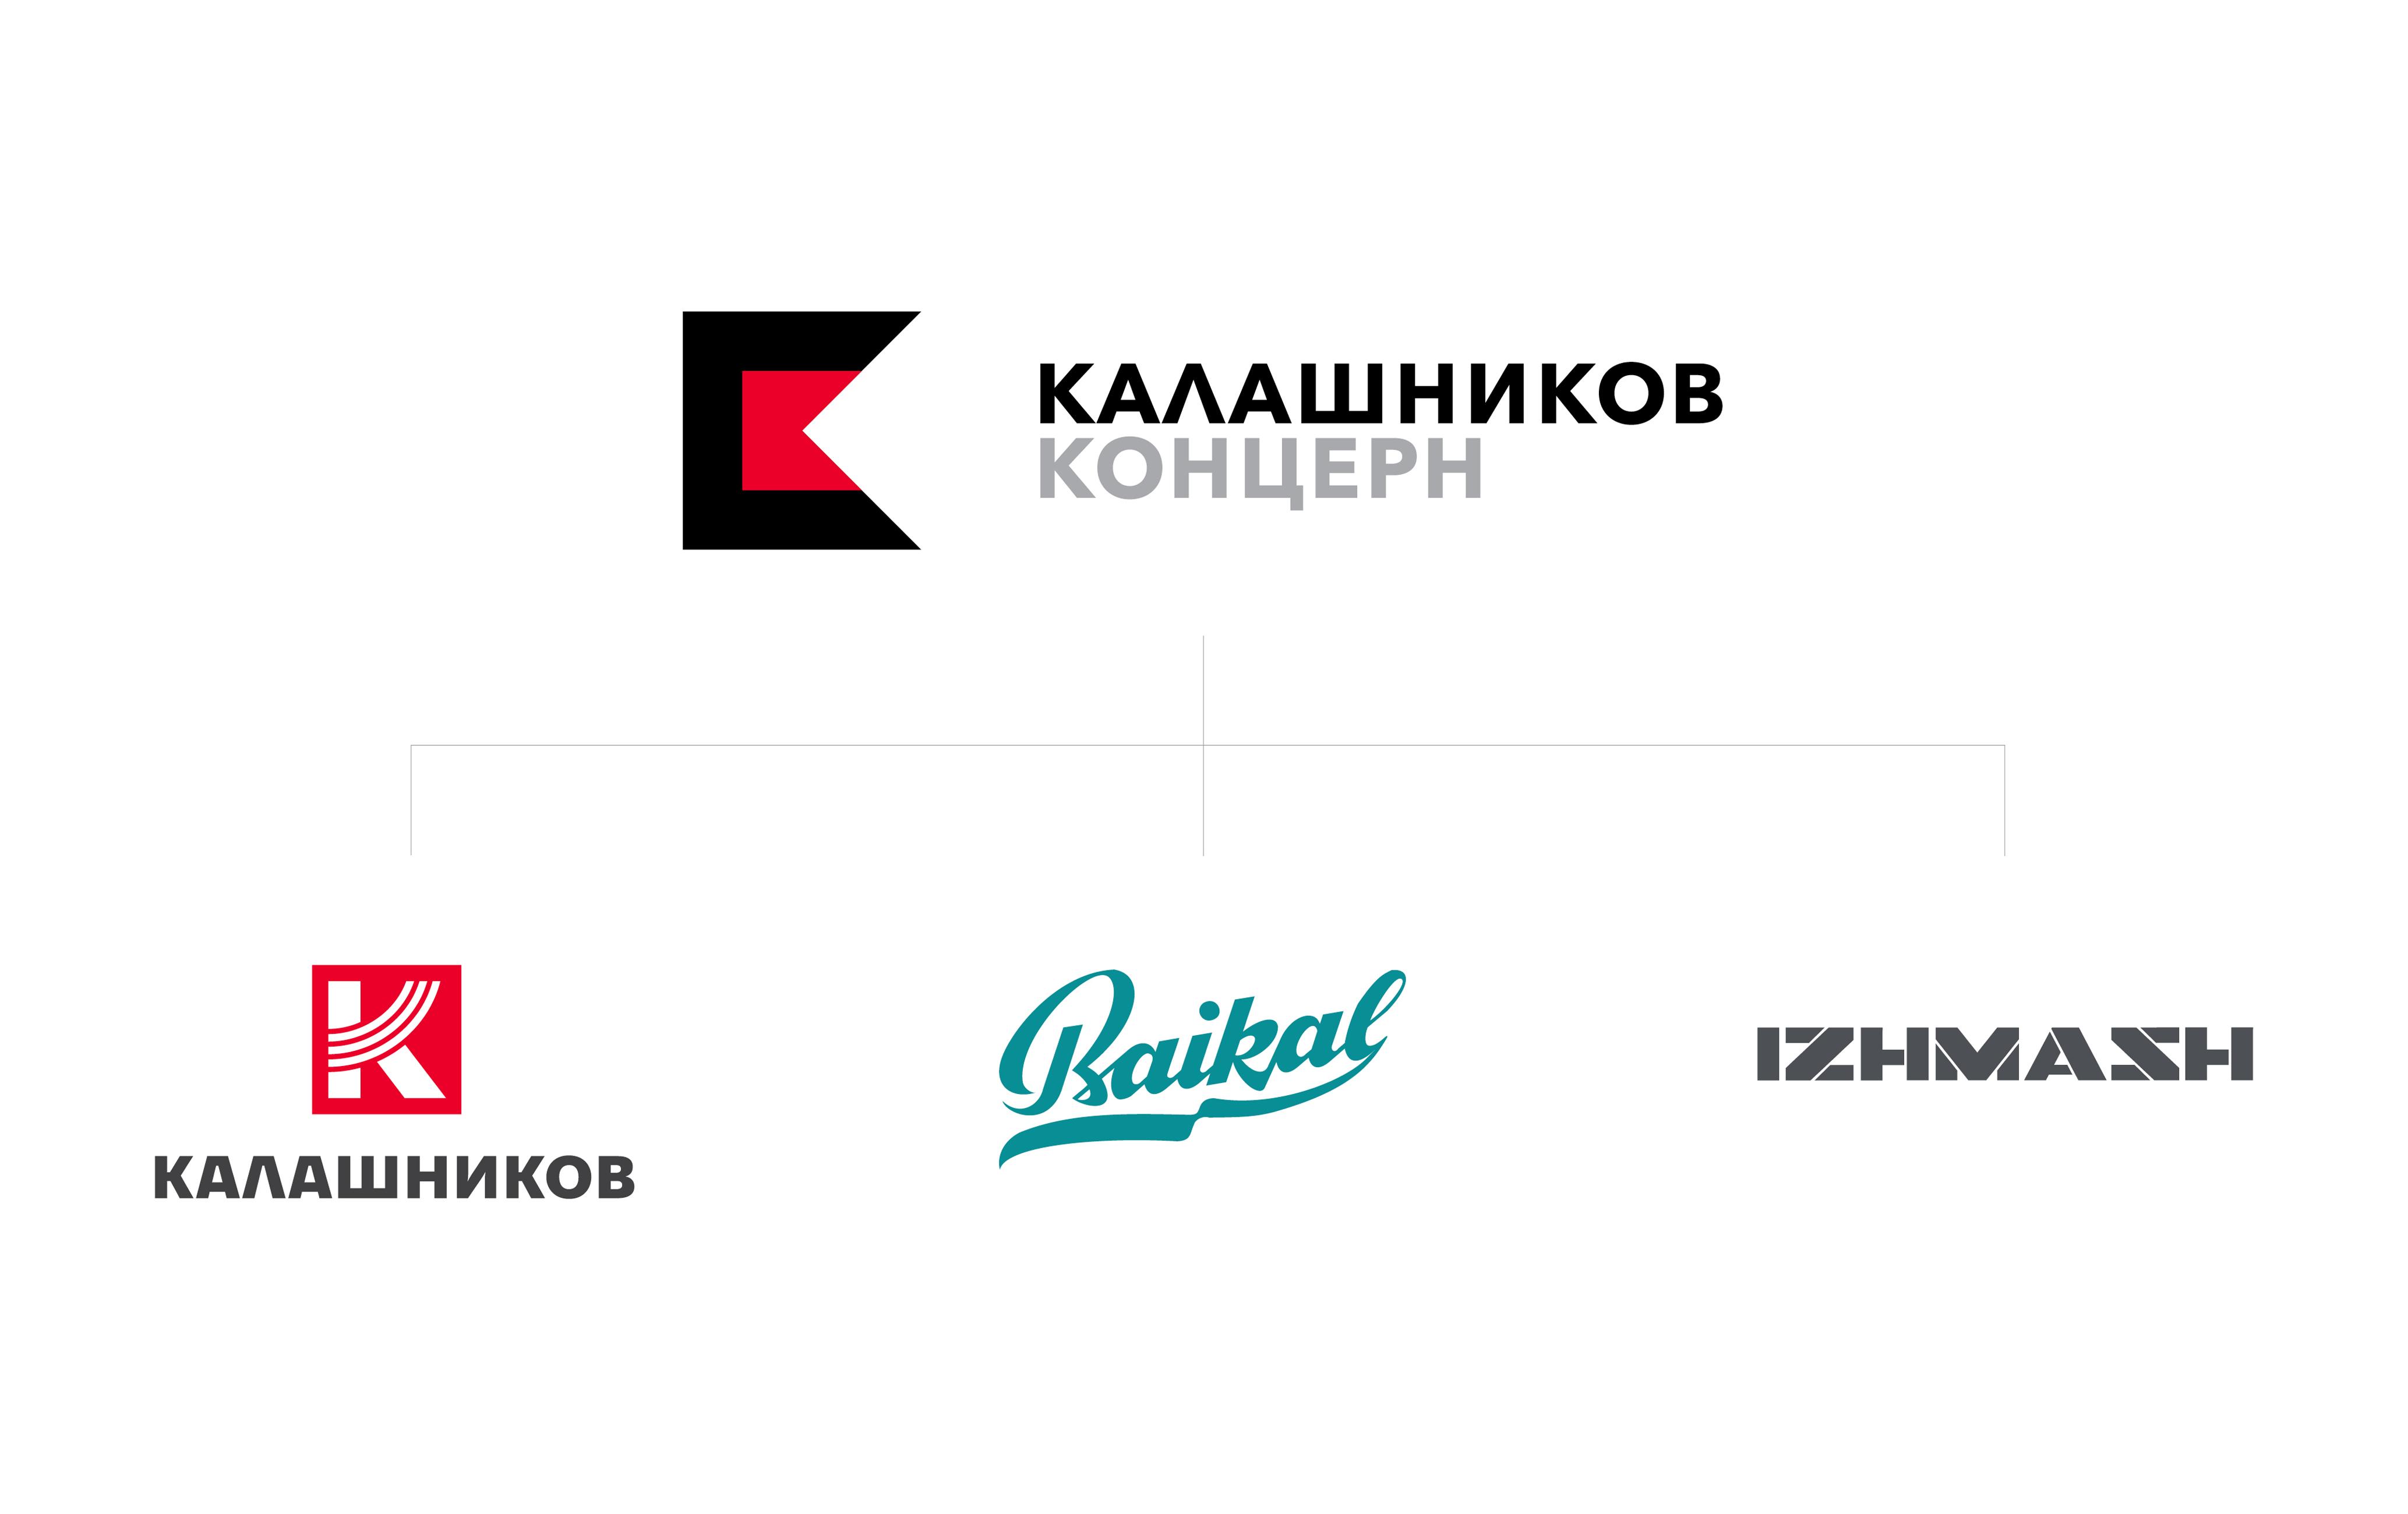 Архитектура бренда (1)